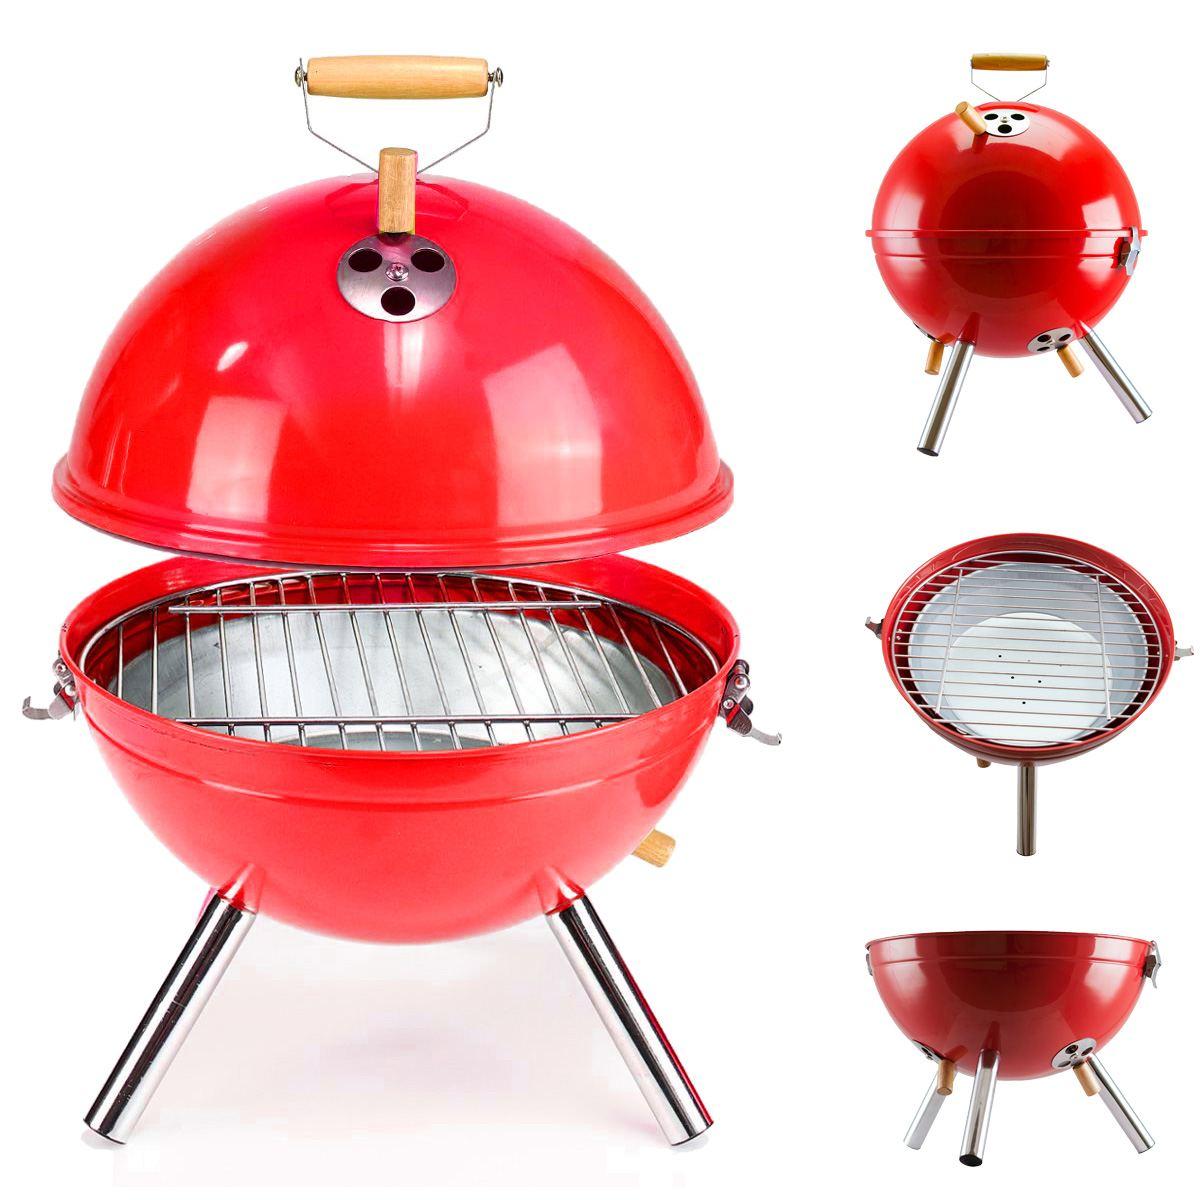 Mini Parrilla de carbón portátil para Barbacoa, parrilla ligera para cocina al...